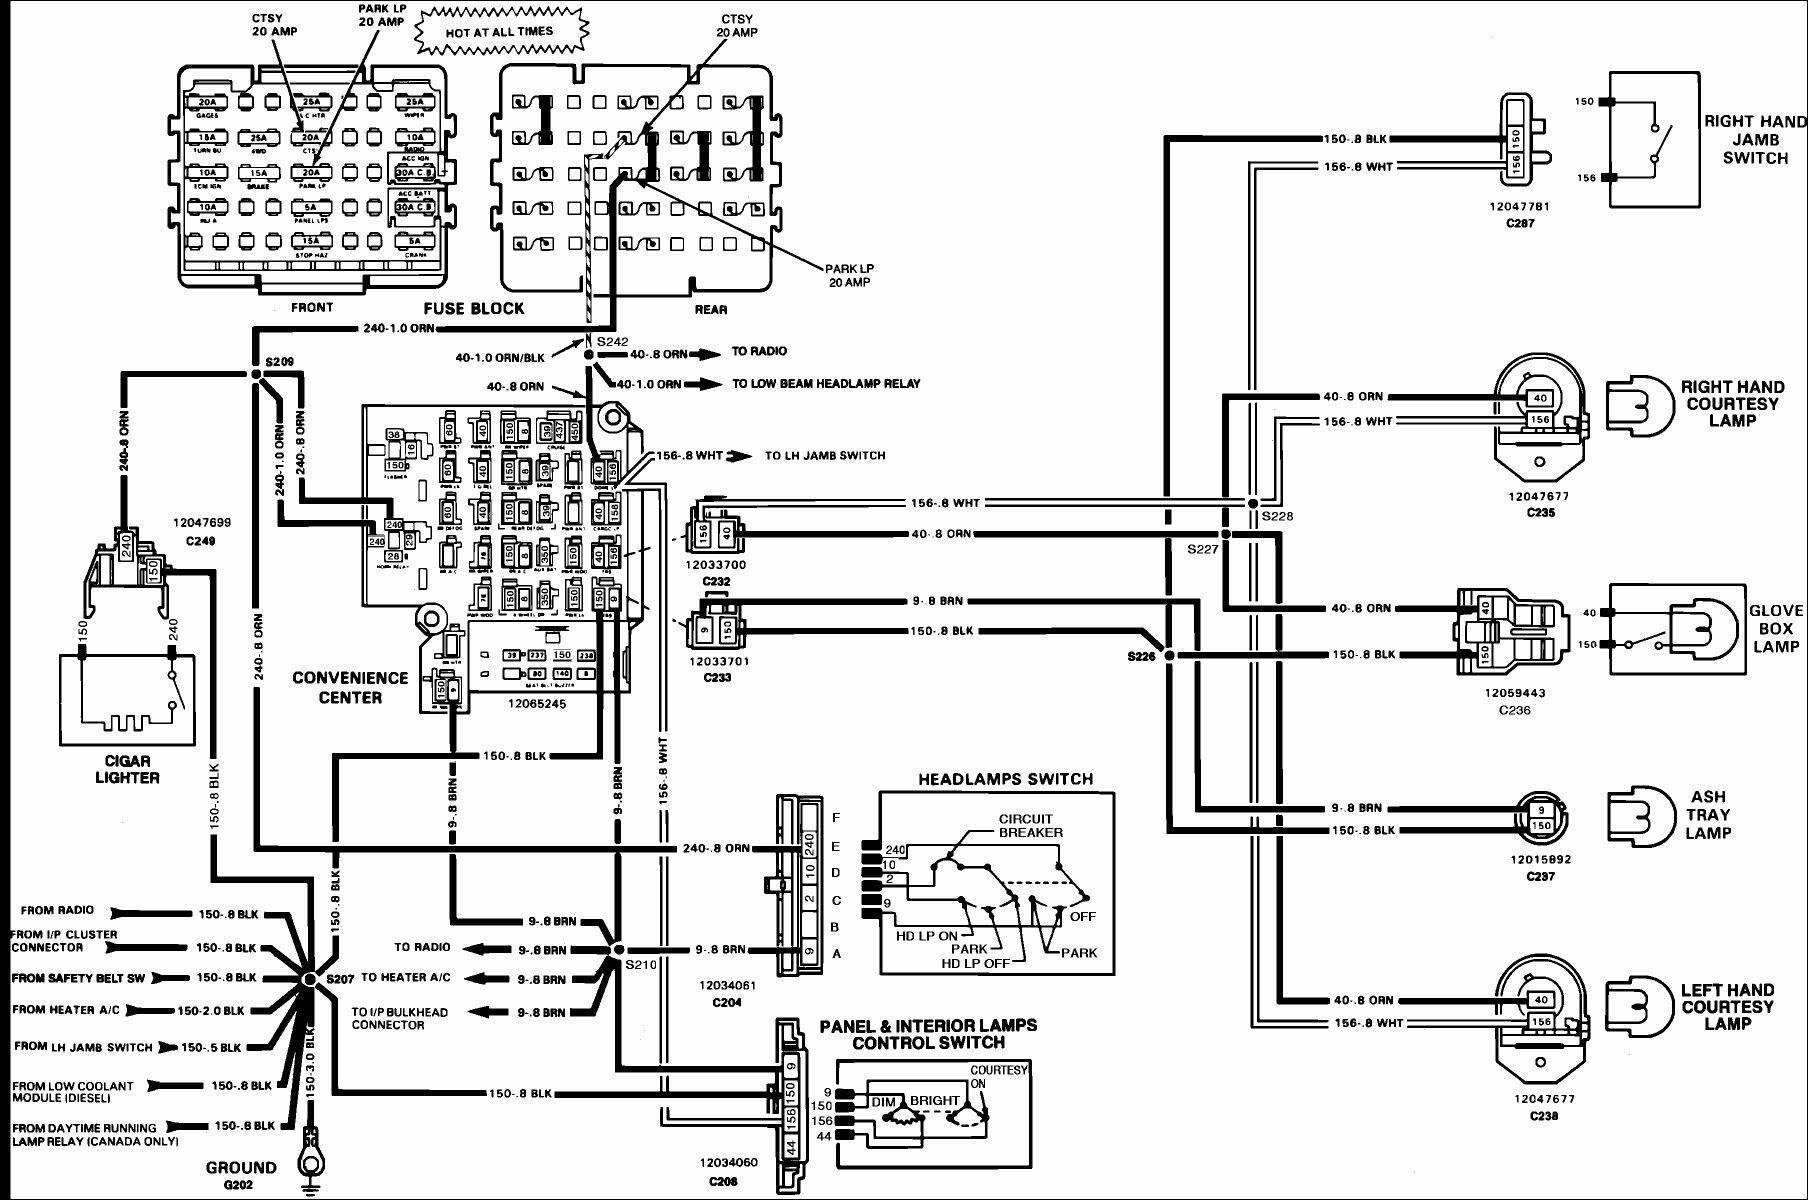 Elegant 86 Chevy Alternator Wiring Diagram In 2020 Electrical Diagram Diagram Chevy Silverado Parts